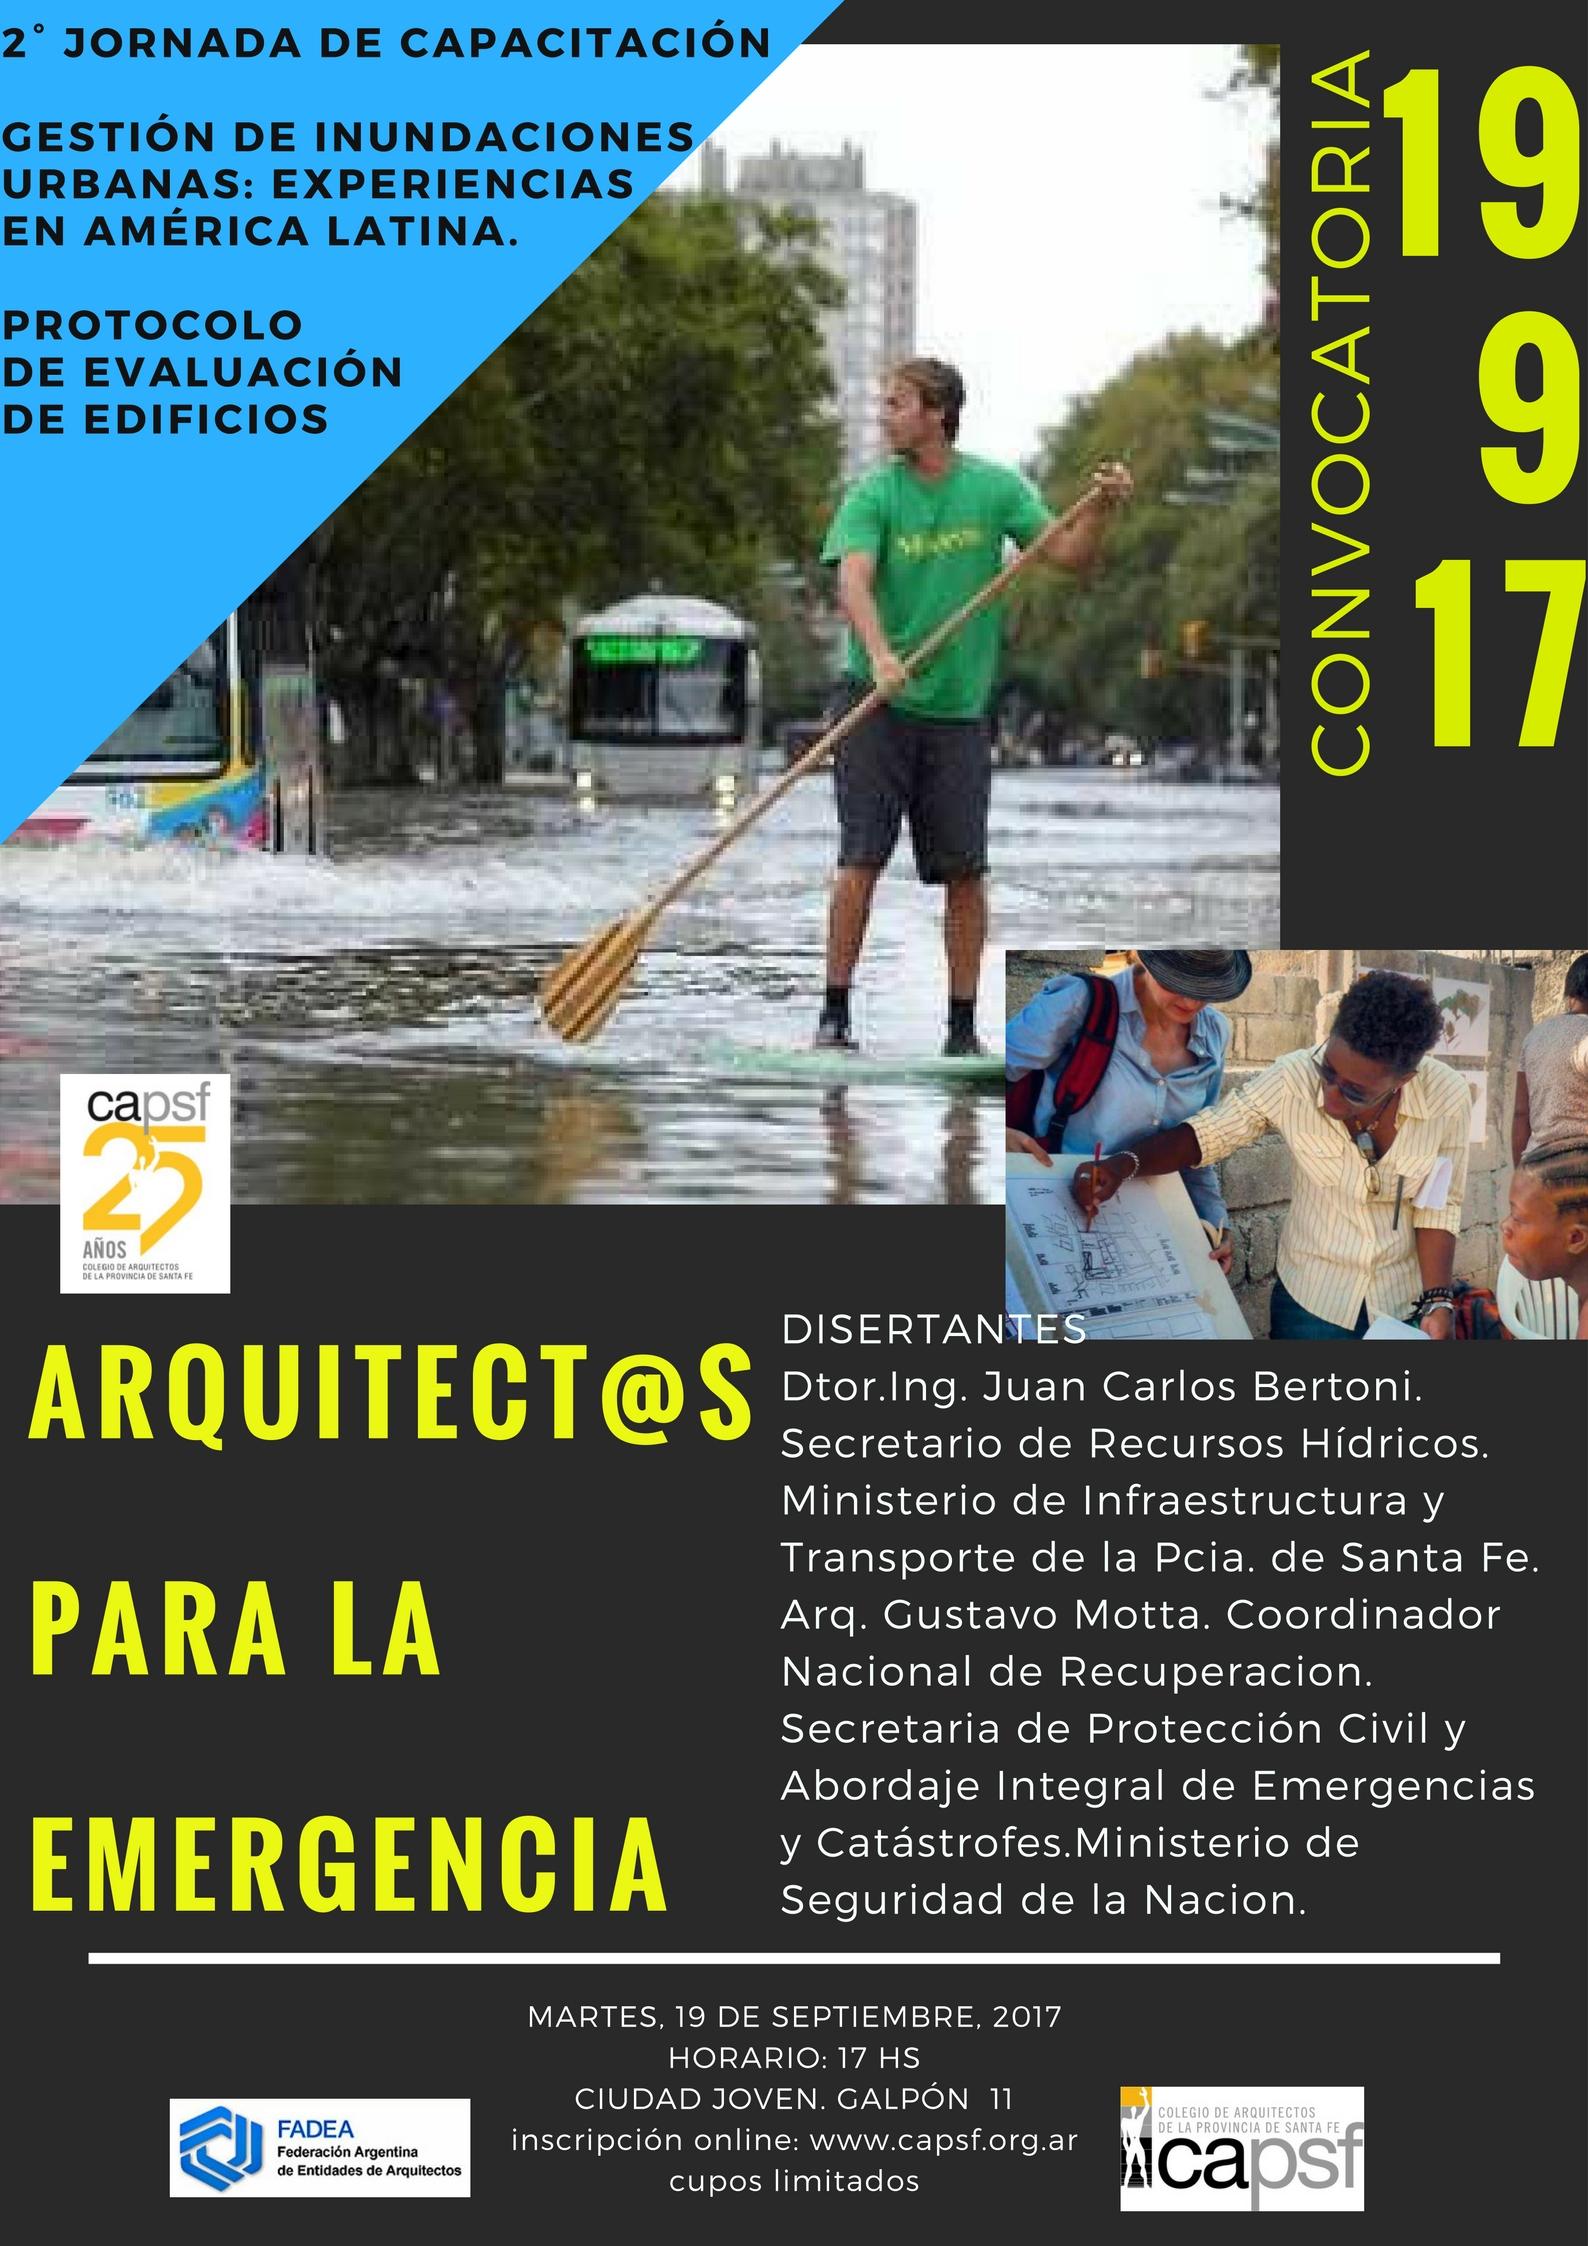 20170908-arquitectosEmergencia.jpg